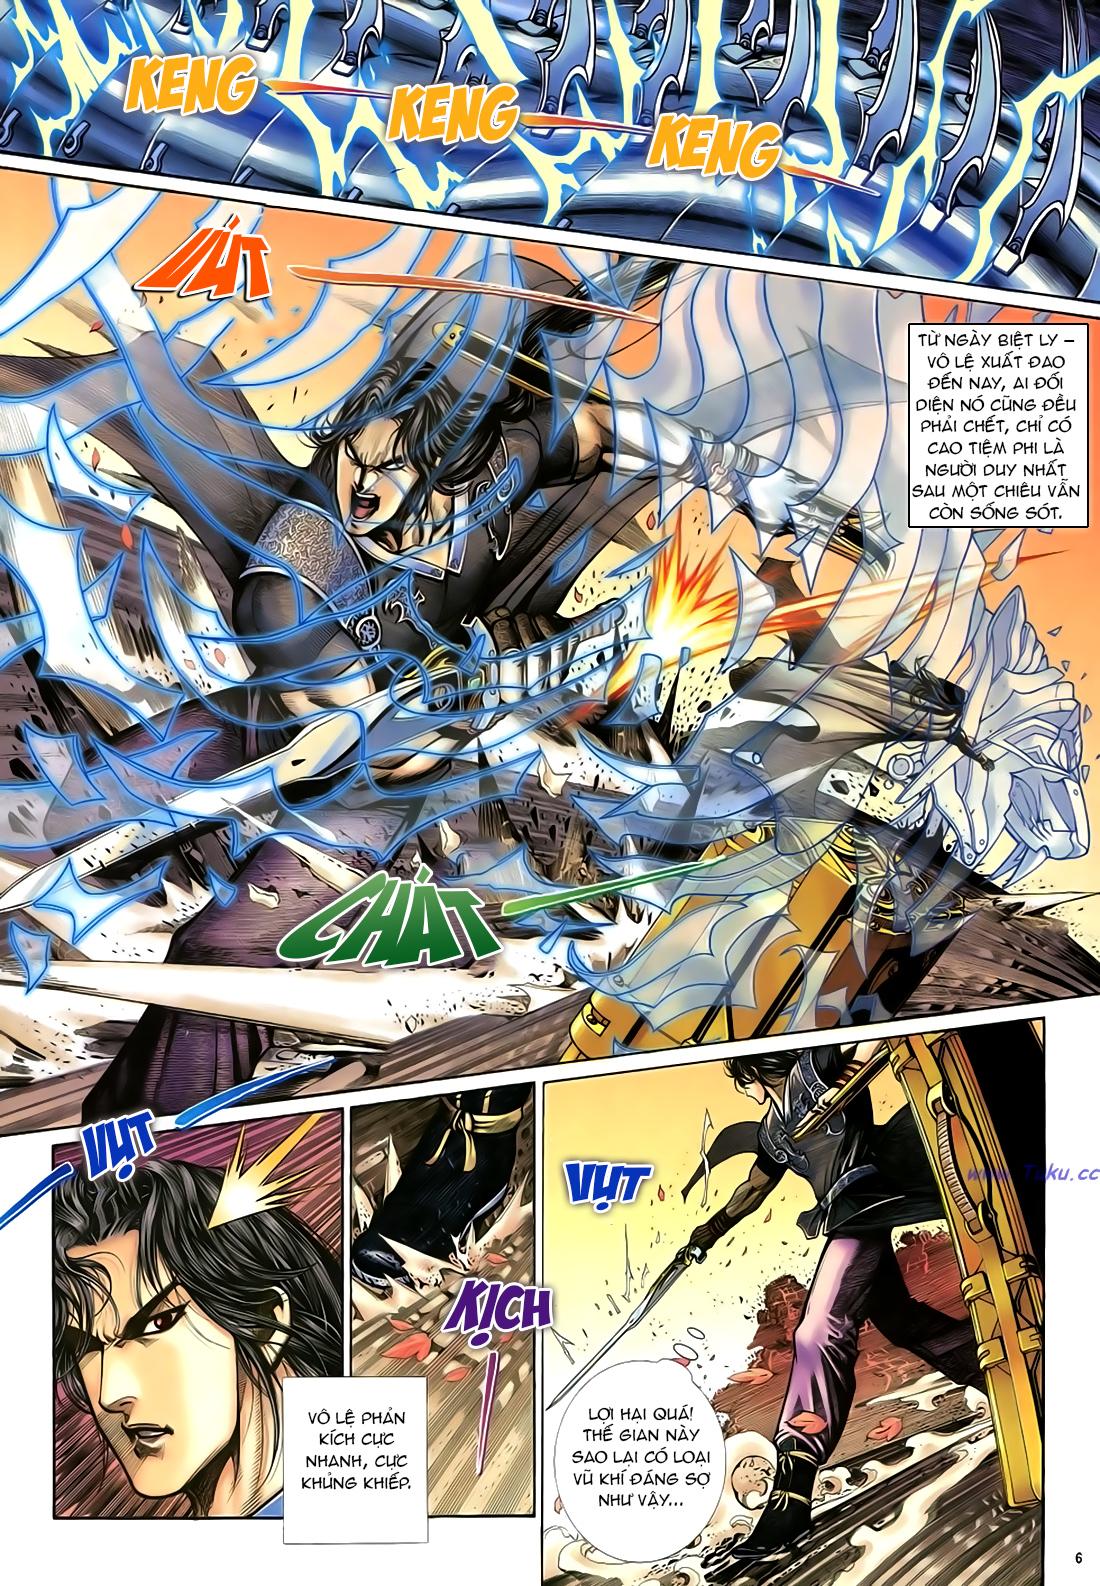 Anh hùng vô lệ Chap 21 trang 7